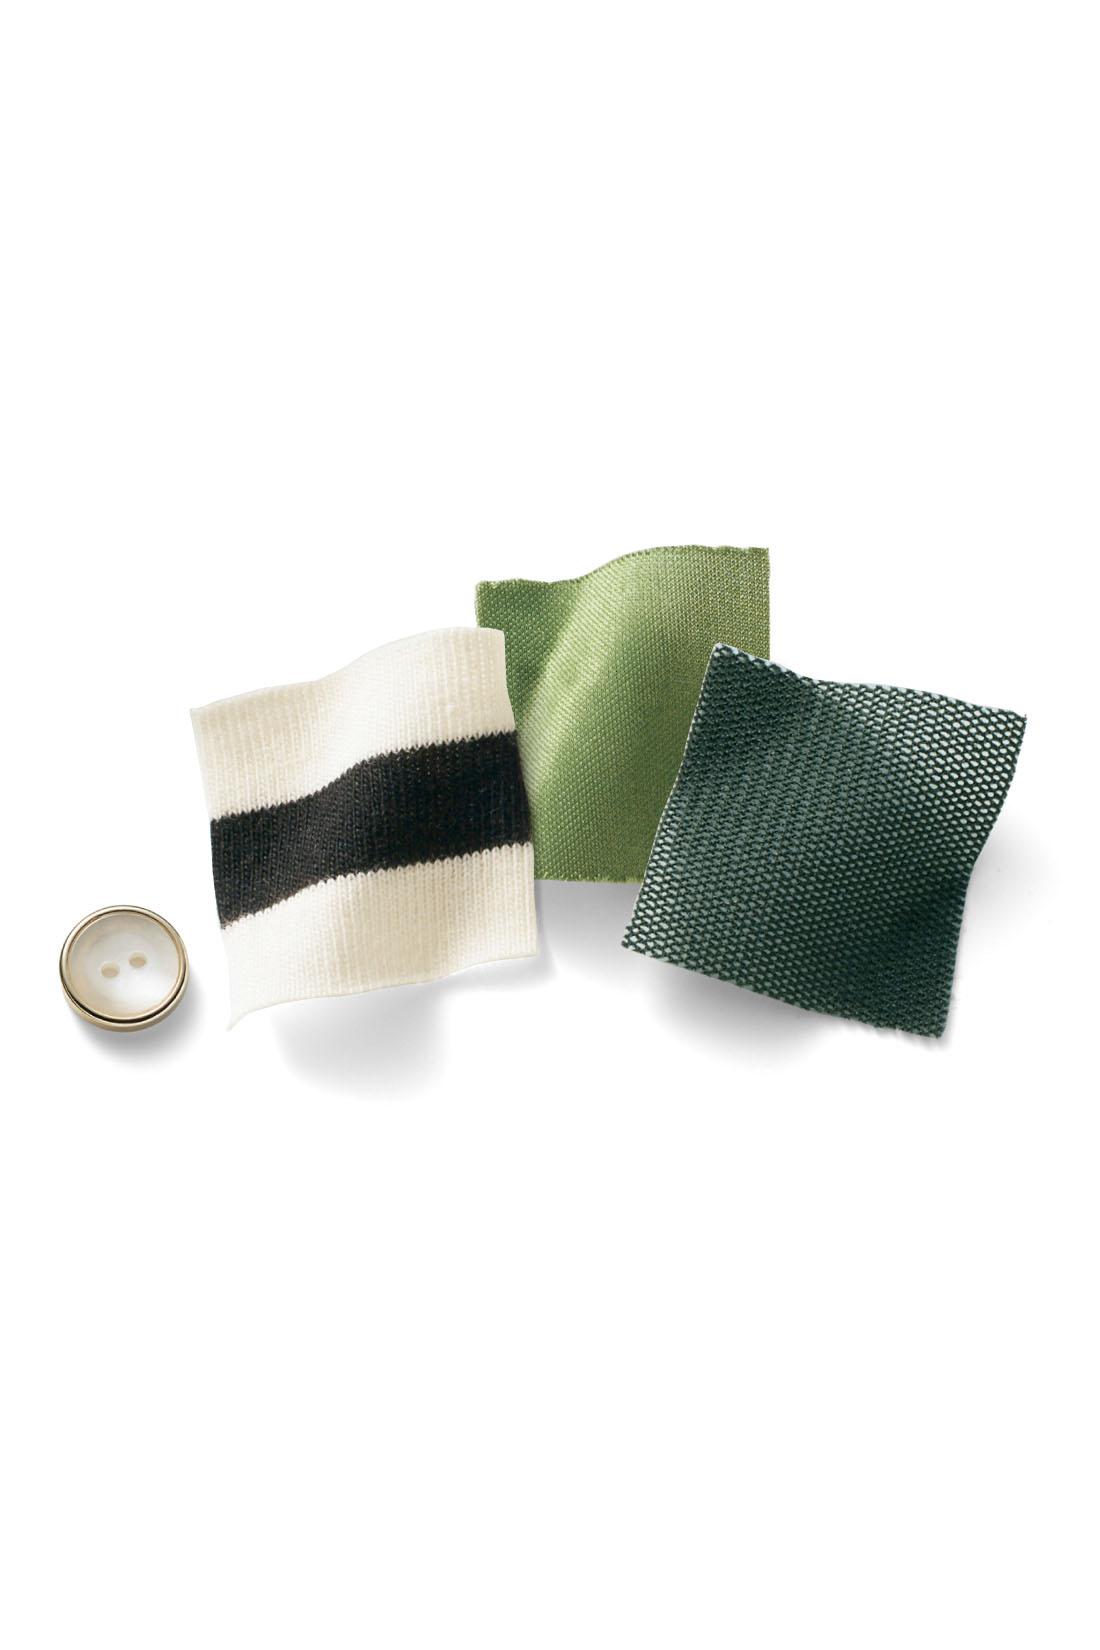 トップス部分は綿混素材のカットソーで心地よく、スカート部分はチュールを重ねて軽やかな印象に。